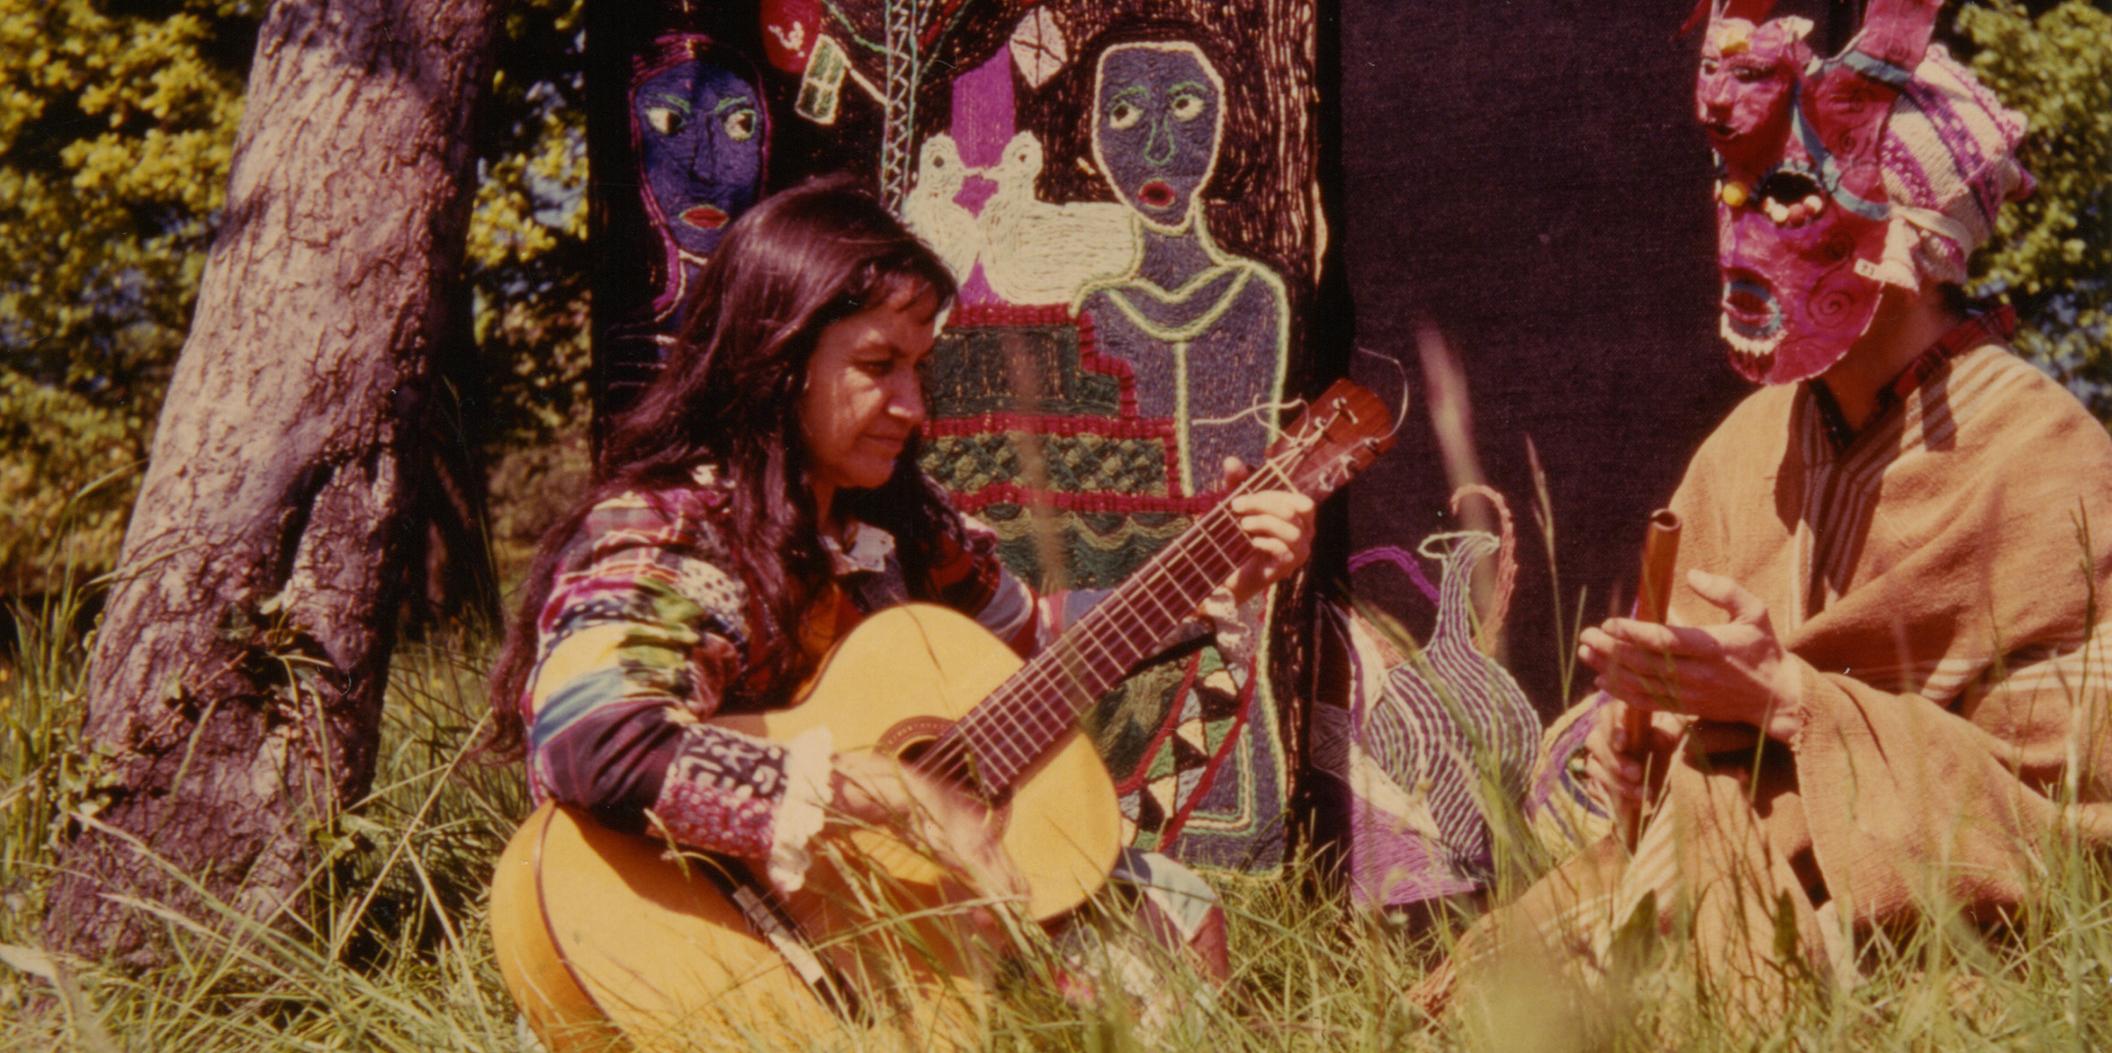 Fotografía gentileza Fundación Violeta Parra y Fundación Museo Violeta Parra